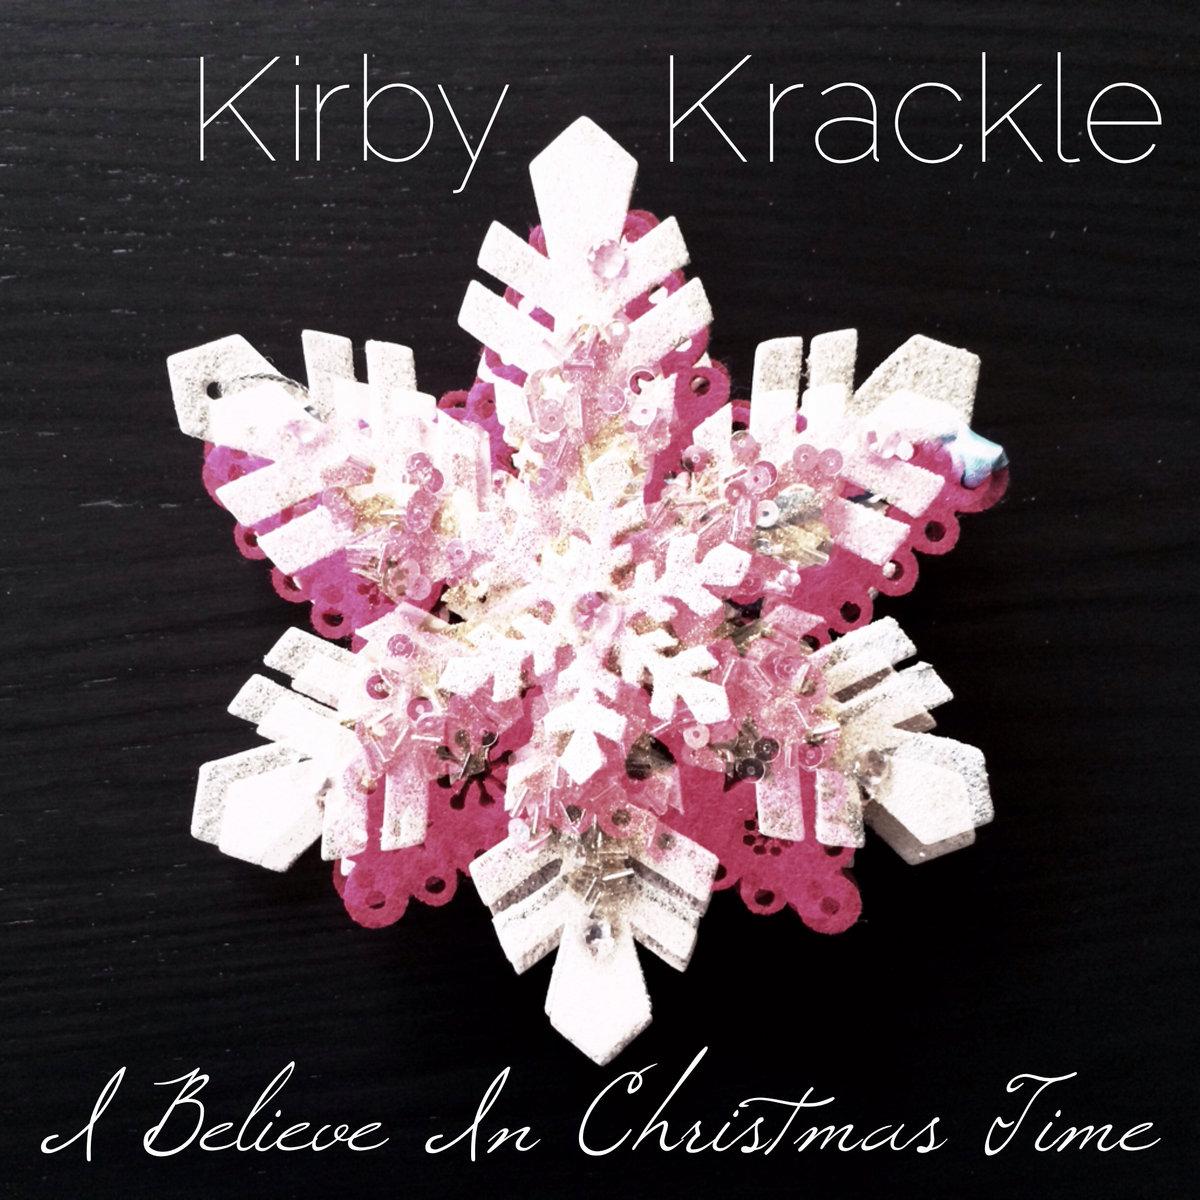 I Believe In Christmas.I Believe In Christmas Time 2013 Holiday Single Kirby